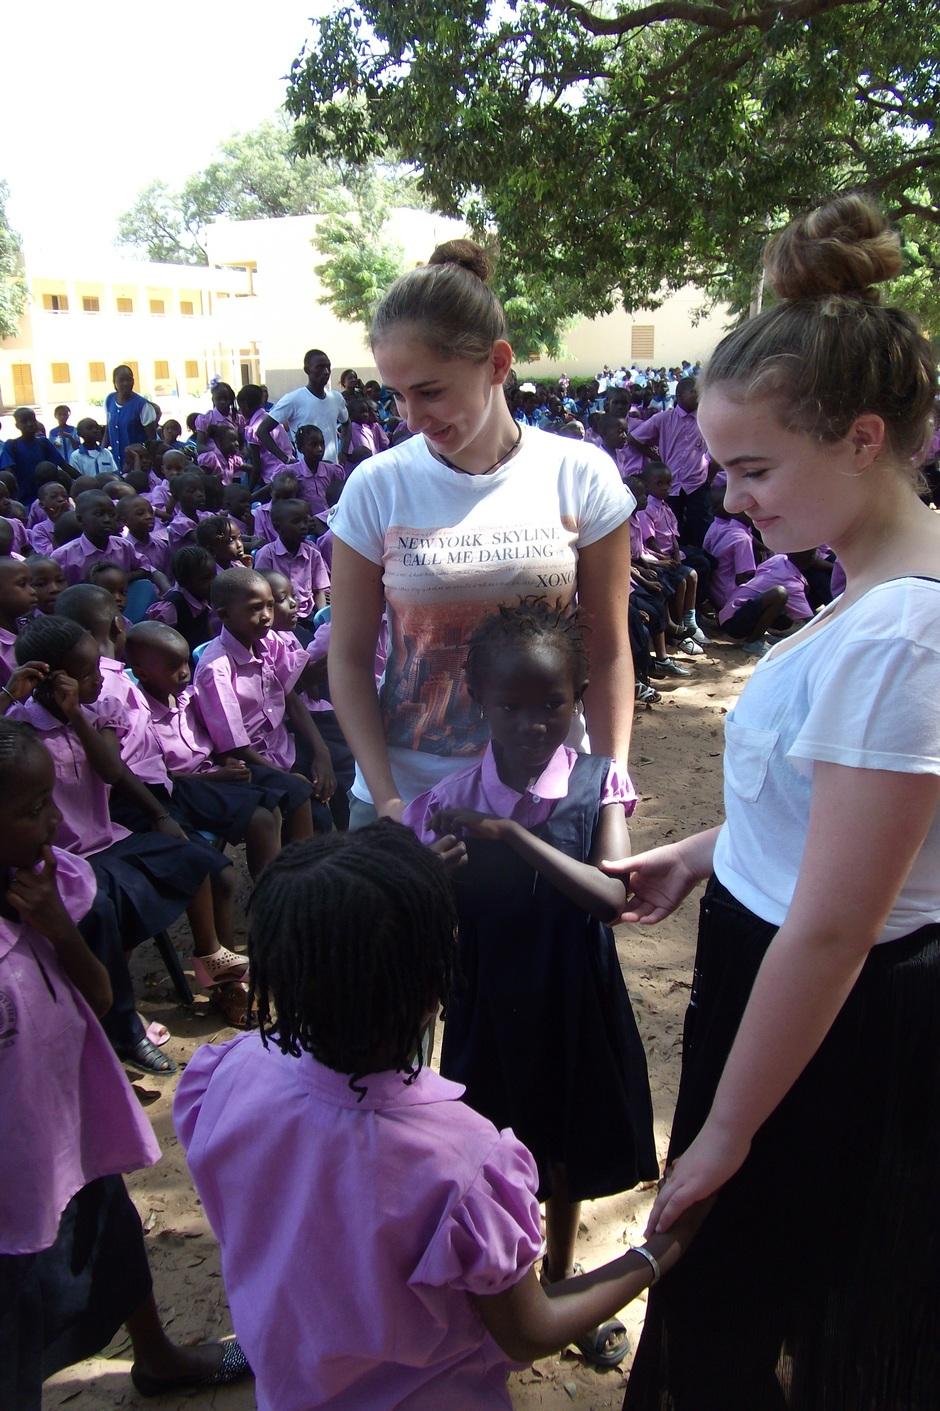 Herzlicher Empfang an unserer afrikanischen Partnerschule in Thiès. Jedes Jahr überbringt eine Gruppe von Schülern und Eltern mit der stellvertretenden Schulleiterin Frau Foerster die Erlöse aus dem Senegalaktionstag und unsere herzlichen Grüße. Unvergessliche Begegnungen und Eindrücke